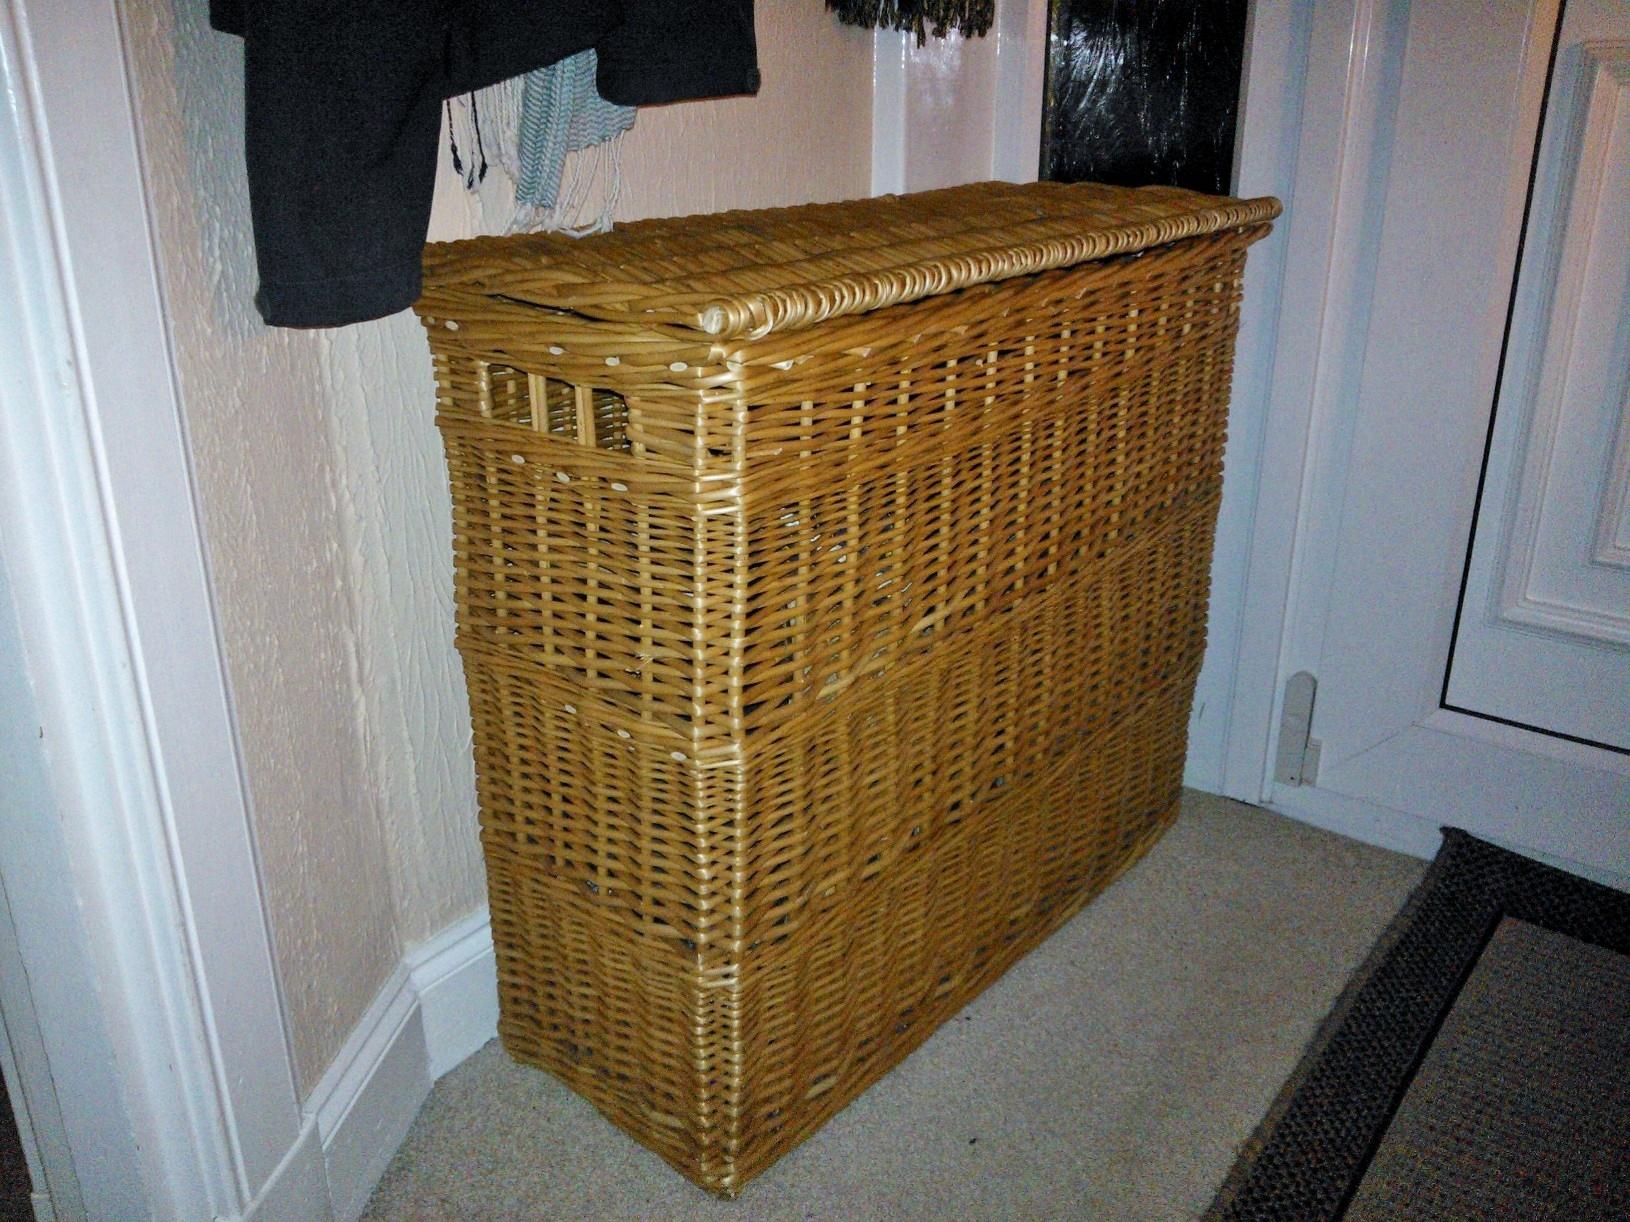 Hamper ideas wicker baskets - Narrow laundry hamper ...